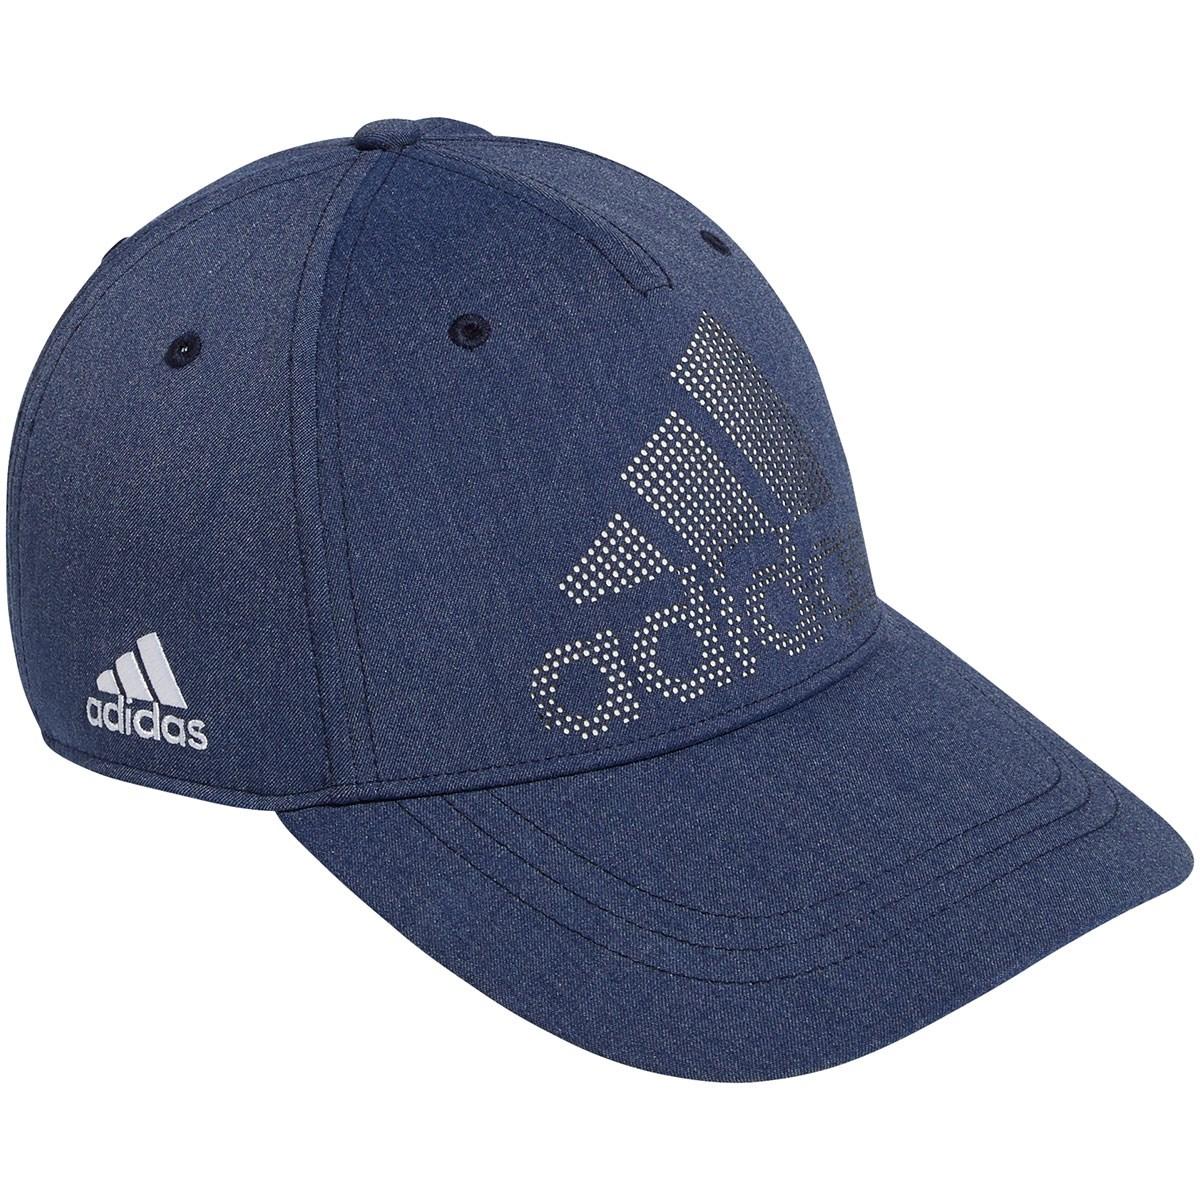 アディダス Adidas ドットロゴキャップ フリー カレッジネイビー